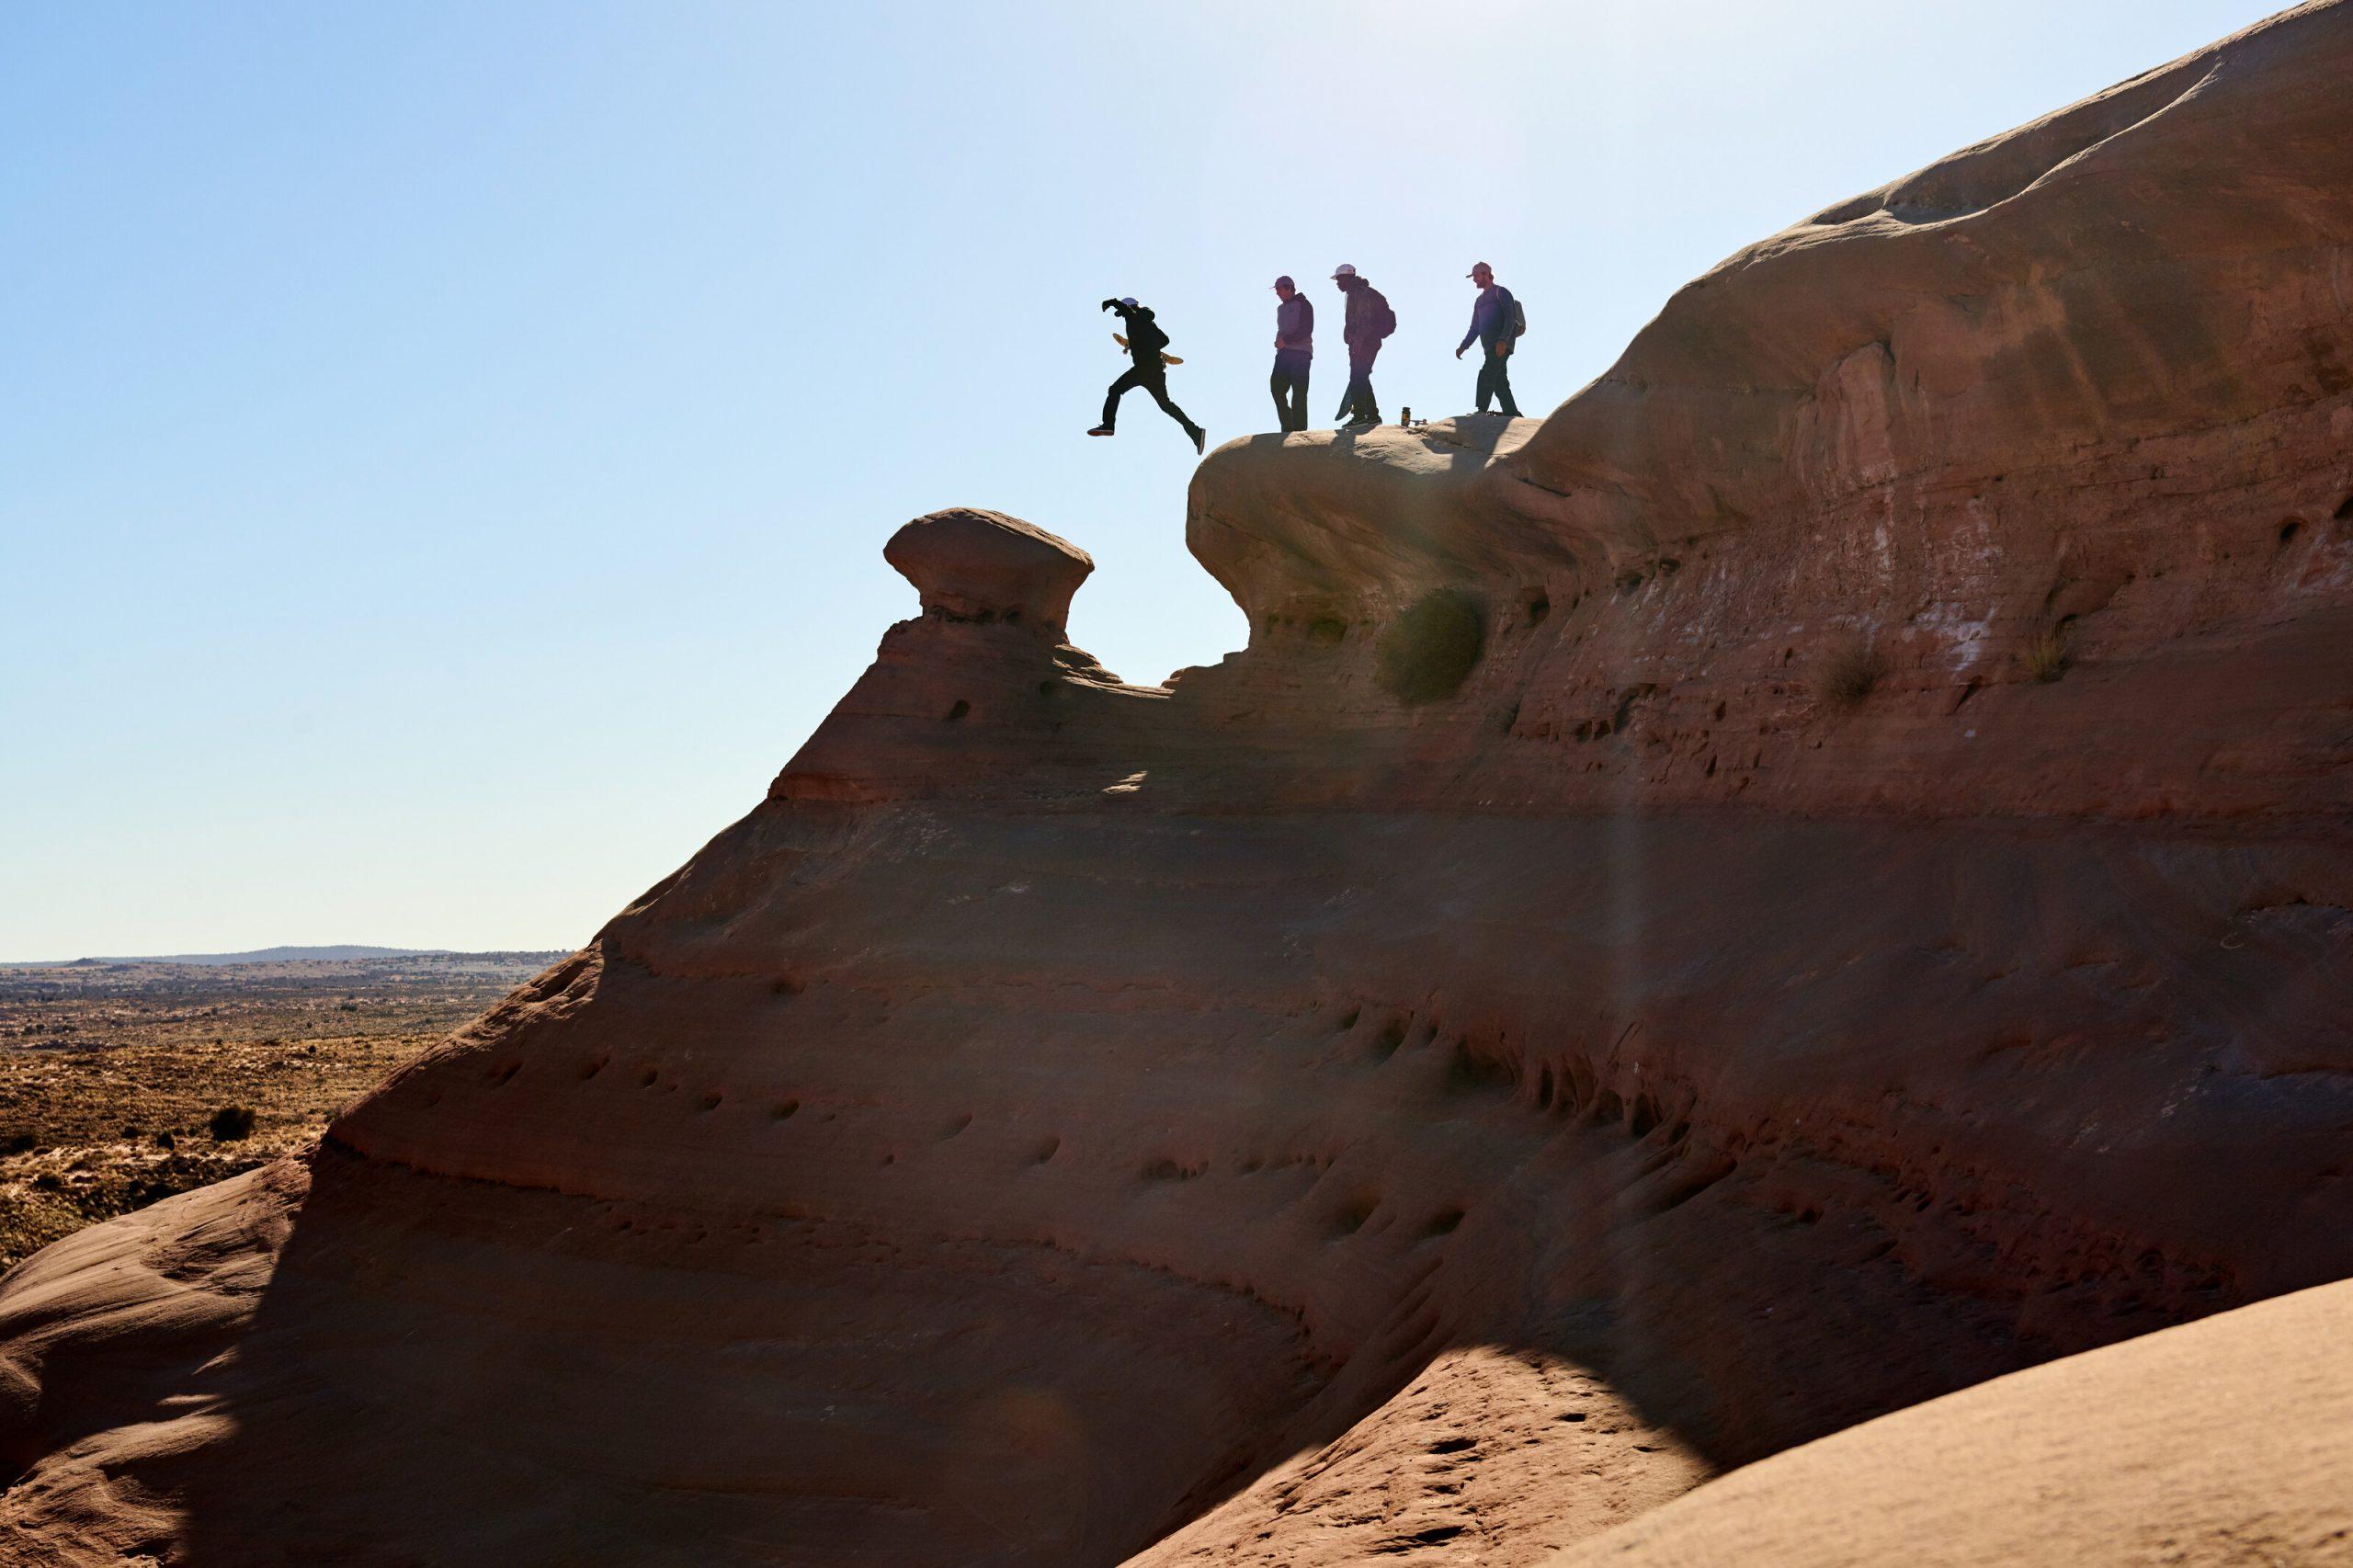 Ryan Sheckler pri preskoku vysokých kameňov